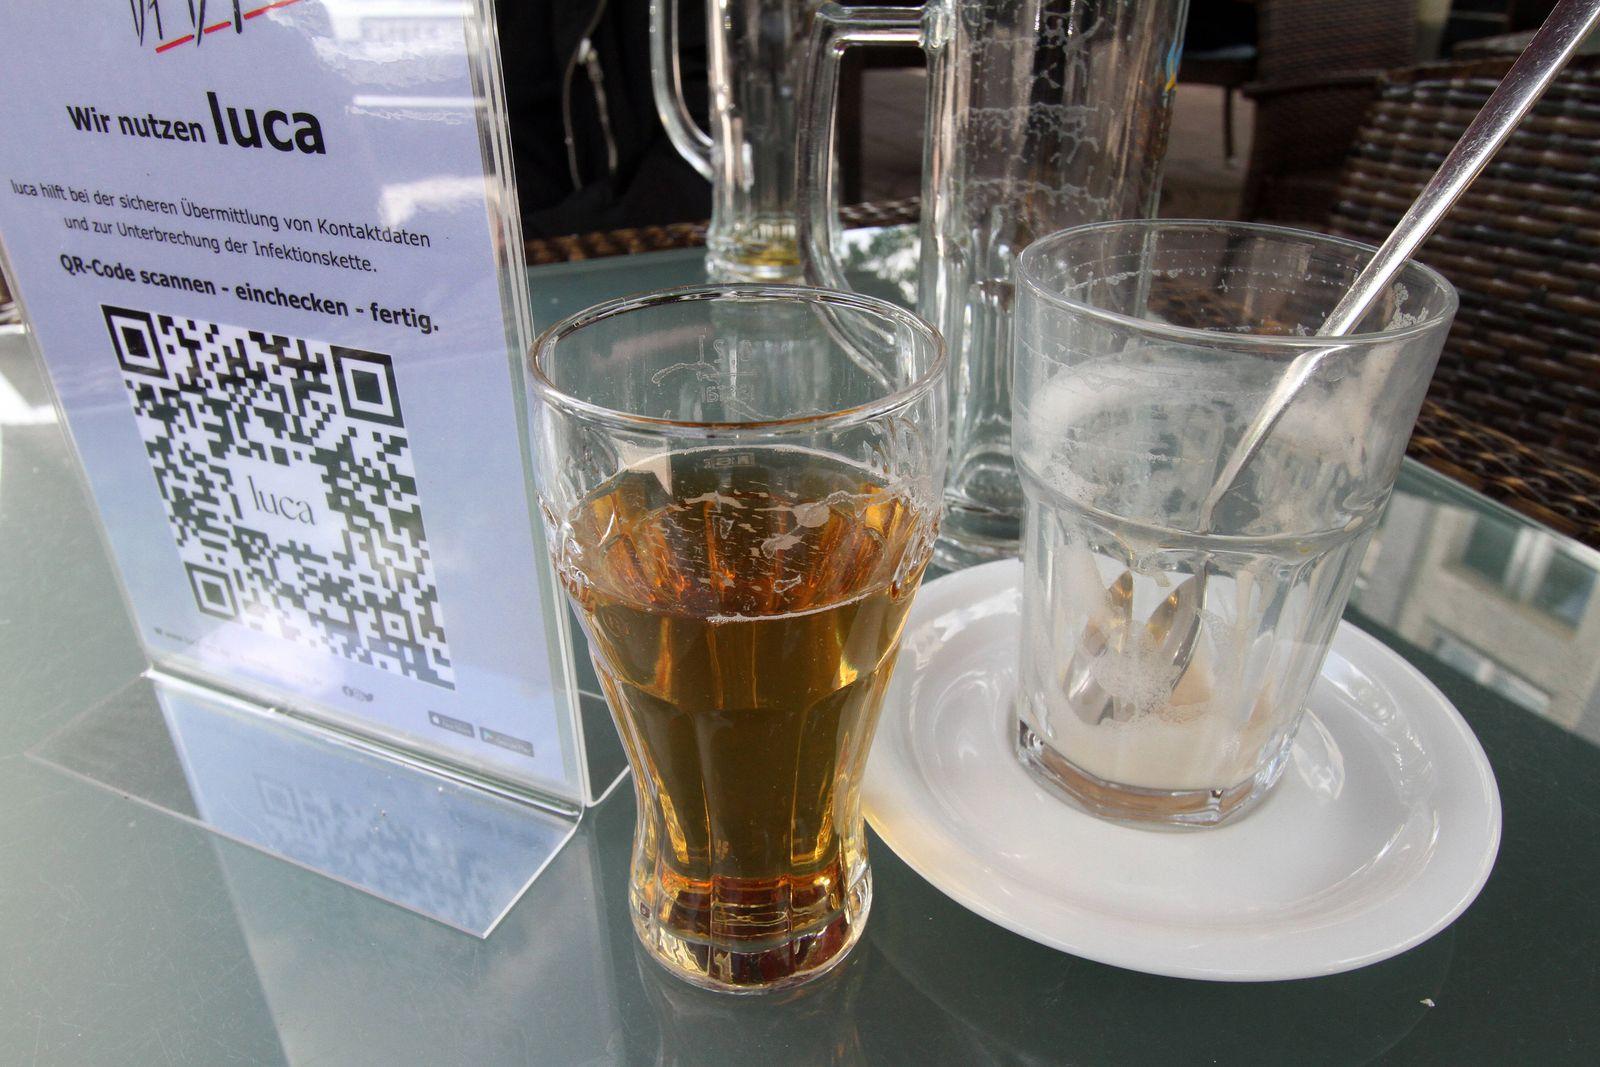 Aufgrund anhaltend niedriger Inzidenzen im Landkreis Wetterau durften gastronomische Betriebe ihren Außenbereich wieder